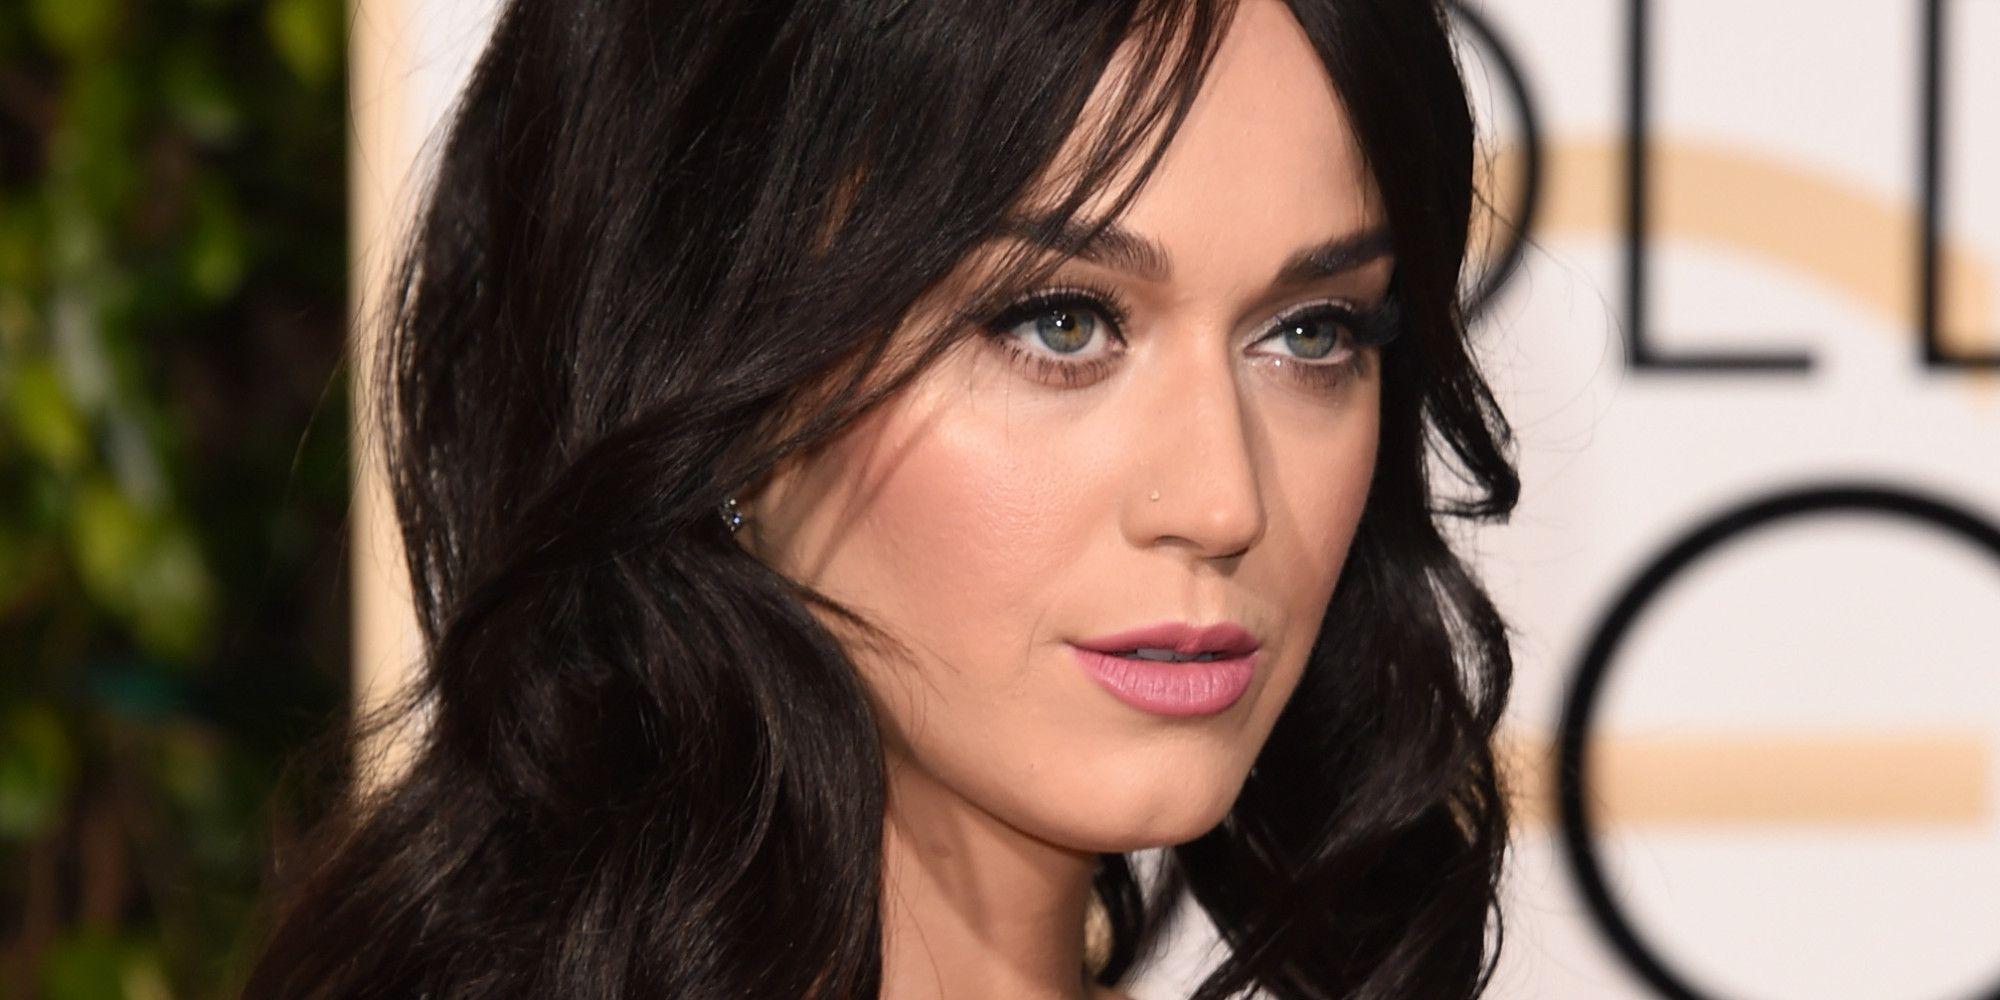 KATY PERRY FUE AL CONCIERTO DE SIA, ¿PERO LE DIO MÁS IMPORTANCIA A SU COMIDA? - http://www.labluestar.com/katy-perry-nos-engano-todo-el-tiempo-y-descubrimos-que-era-sia/ - #Katy-Perry